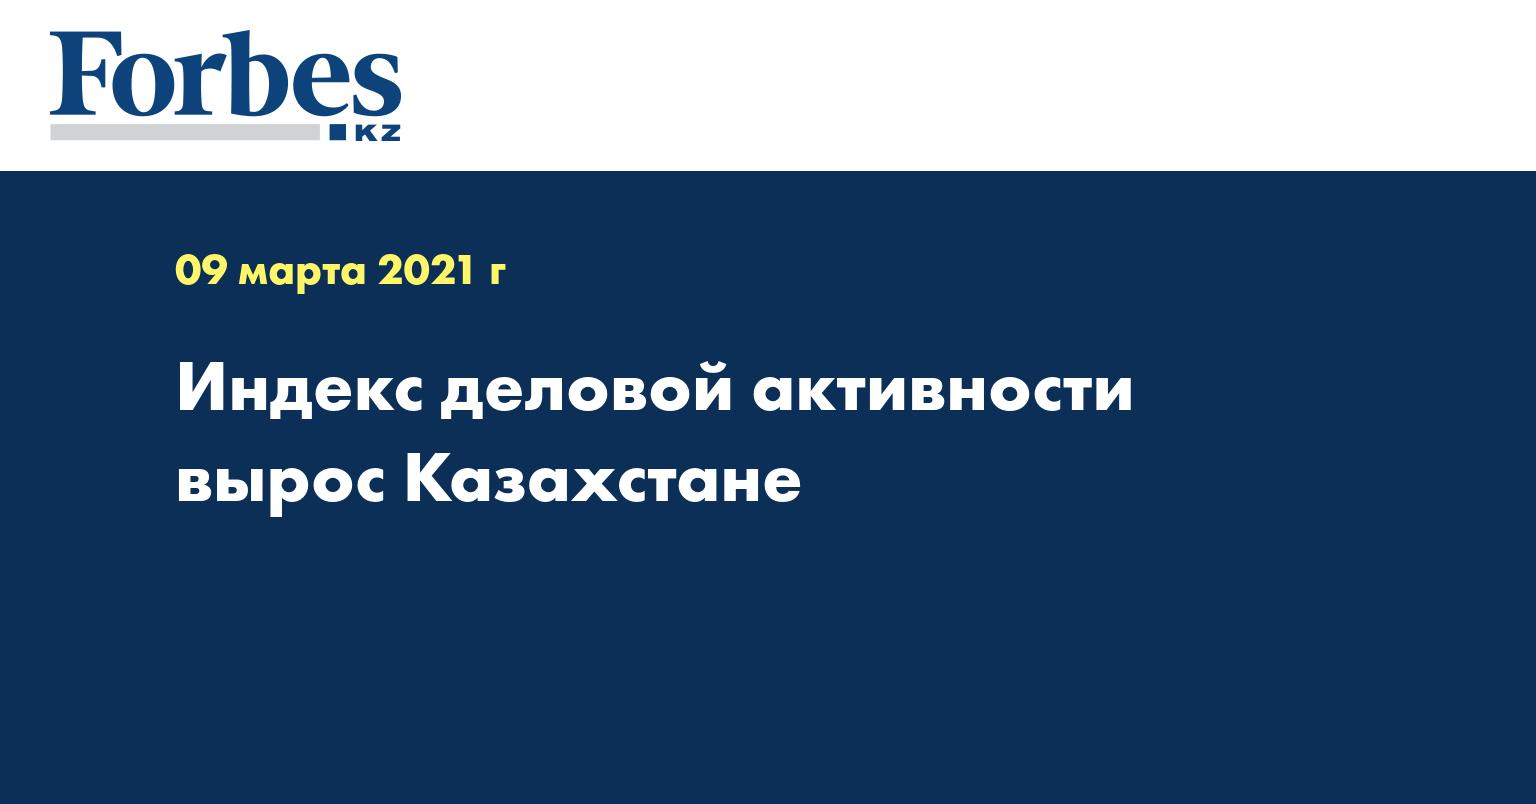 Индекс деловой активности вырос Казахстане